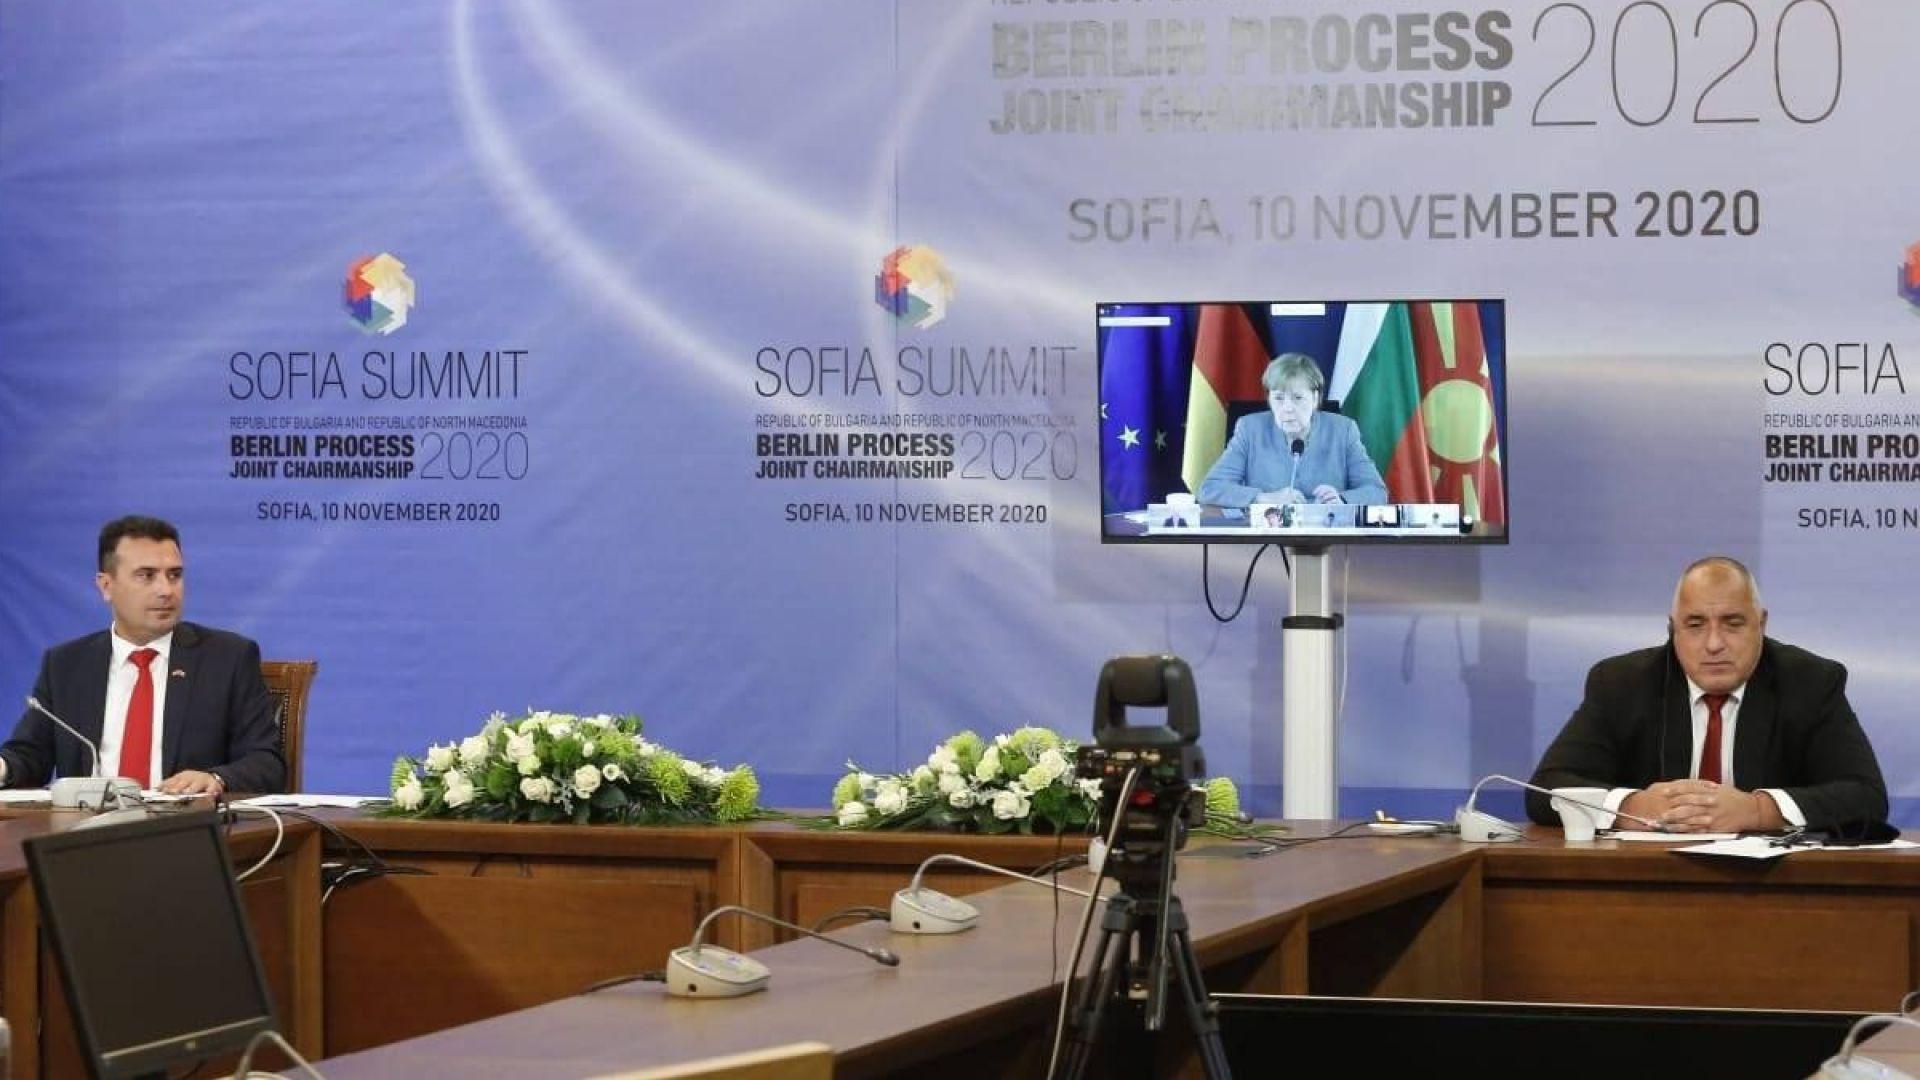 Борисов пред Меркел: Потвърждаваме ангажираността си за развитие на Западните Балкани